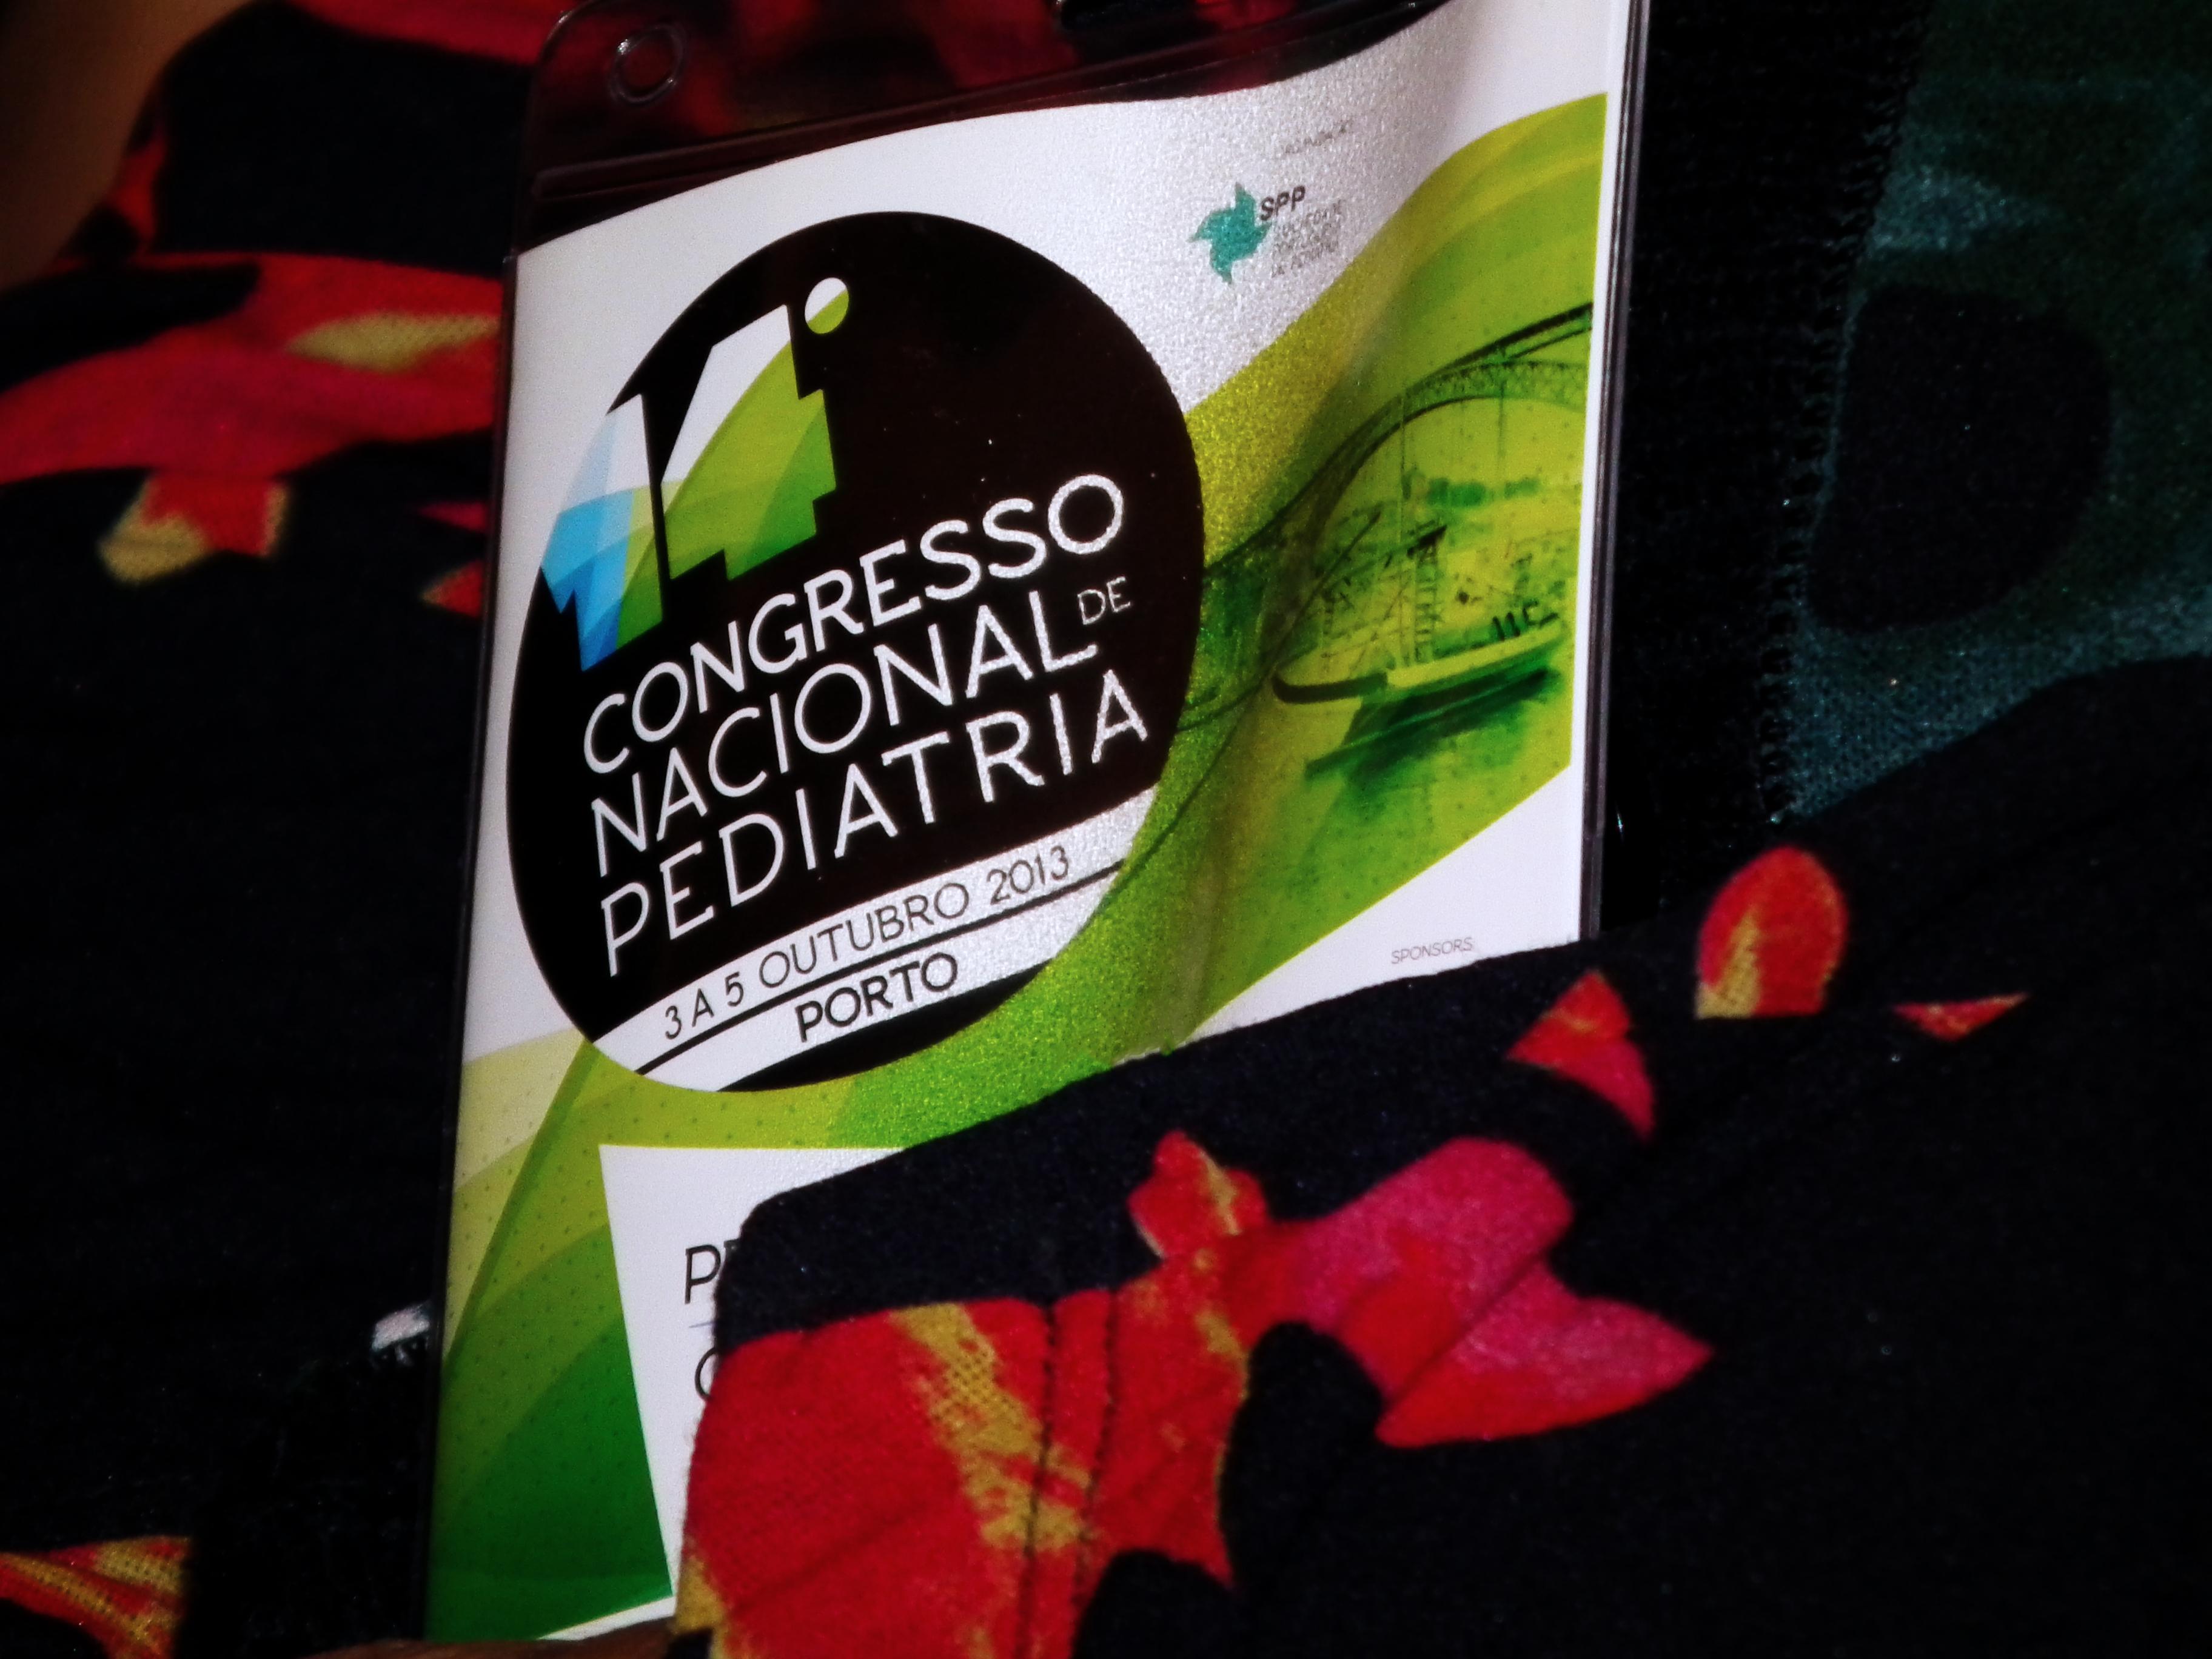 14º congresso de Pediatria